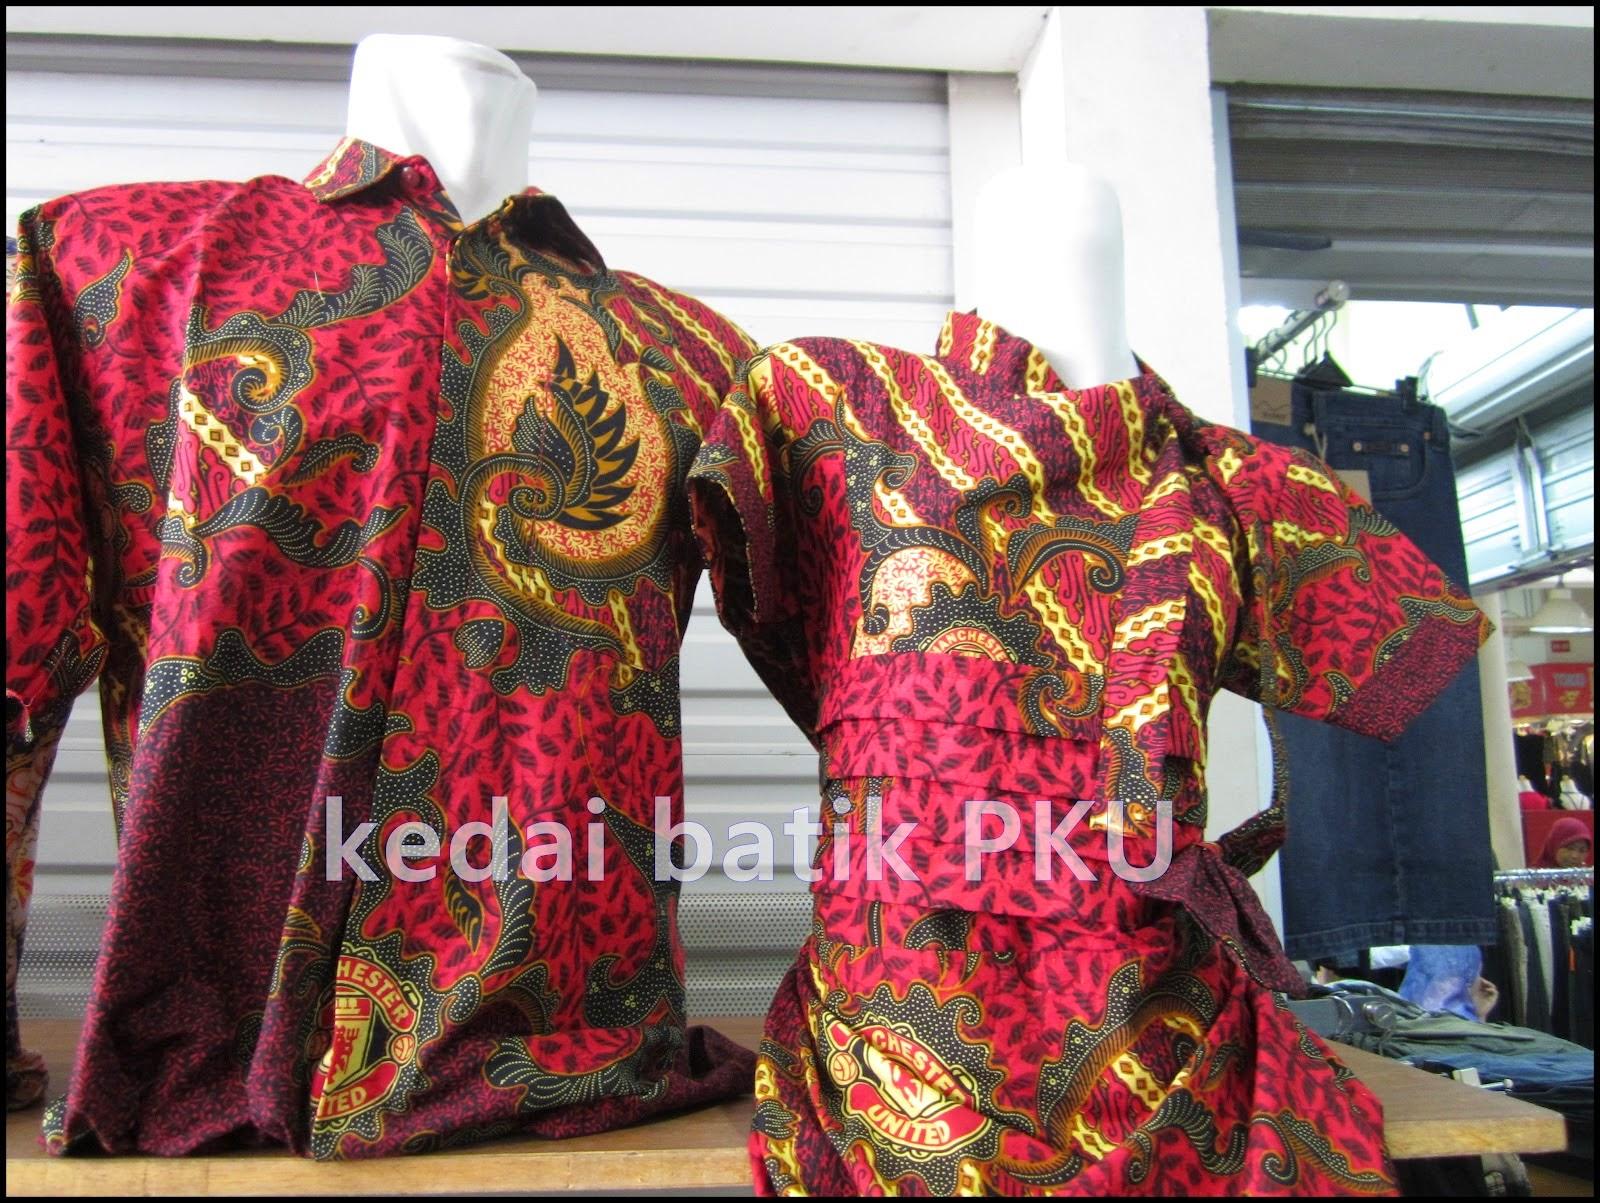 Foto Baju Batik Pekan Baru